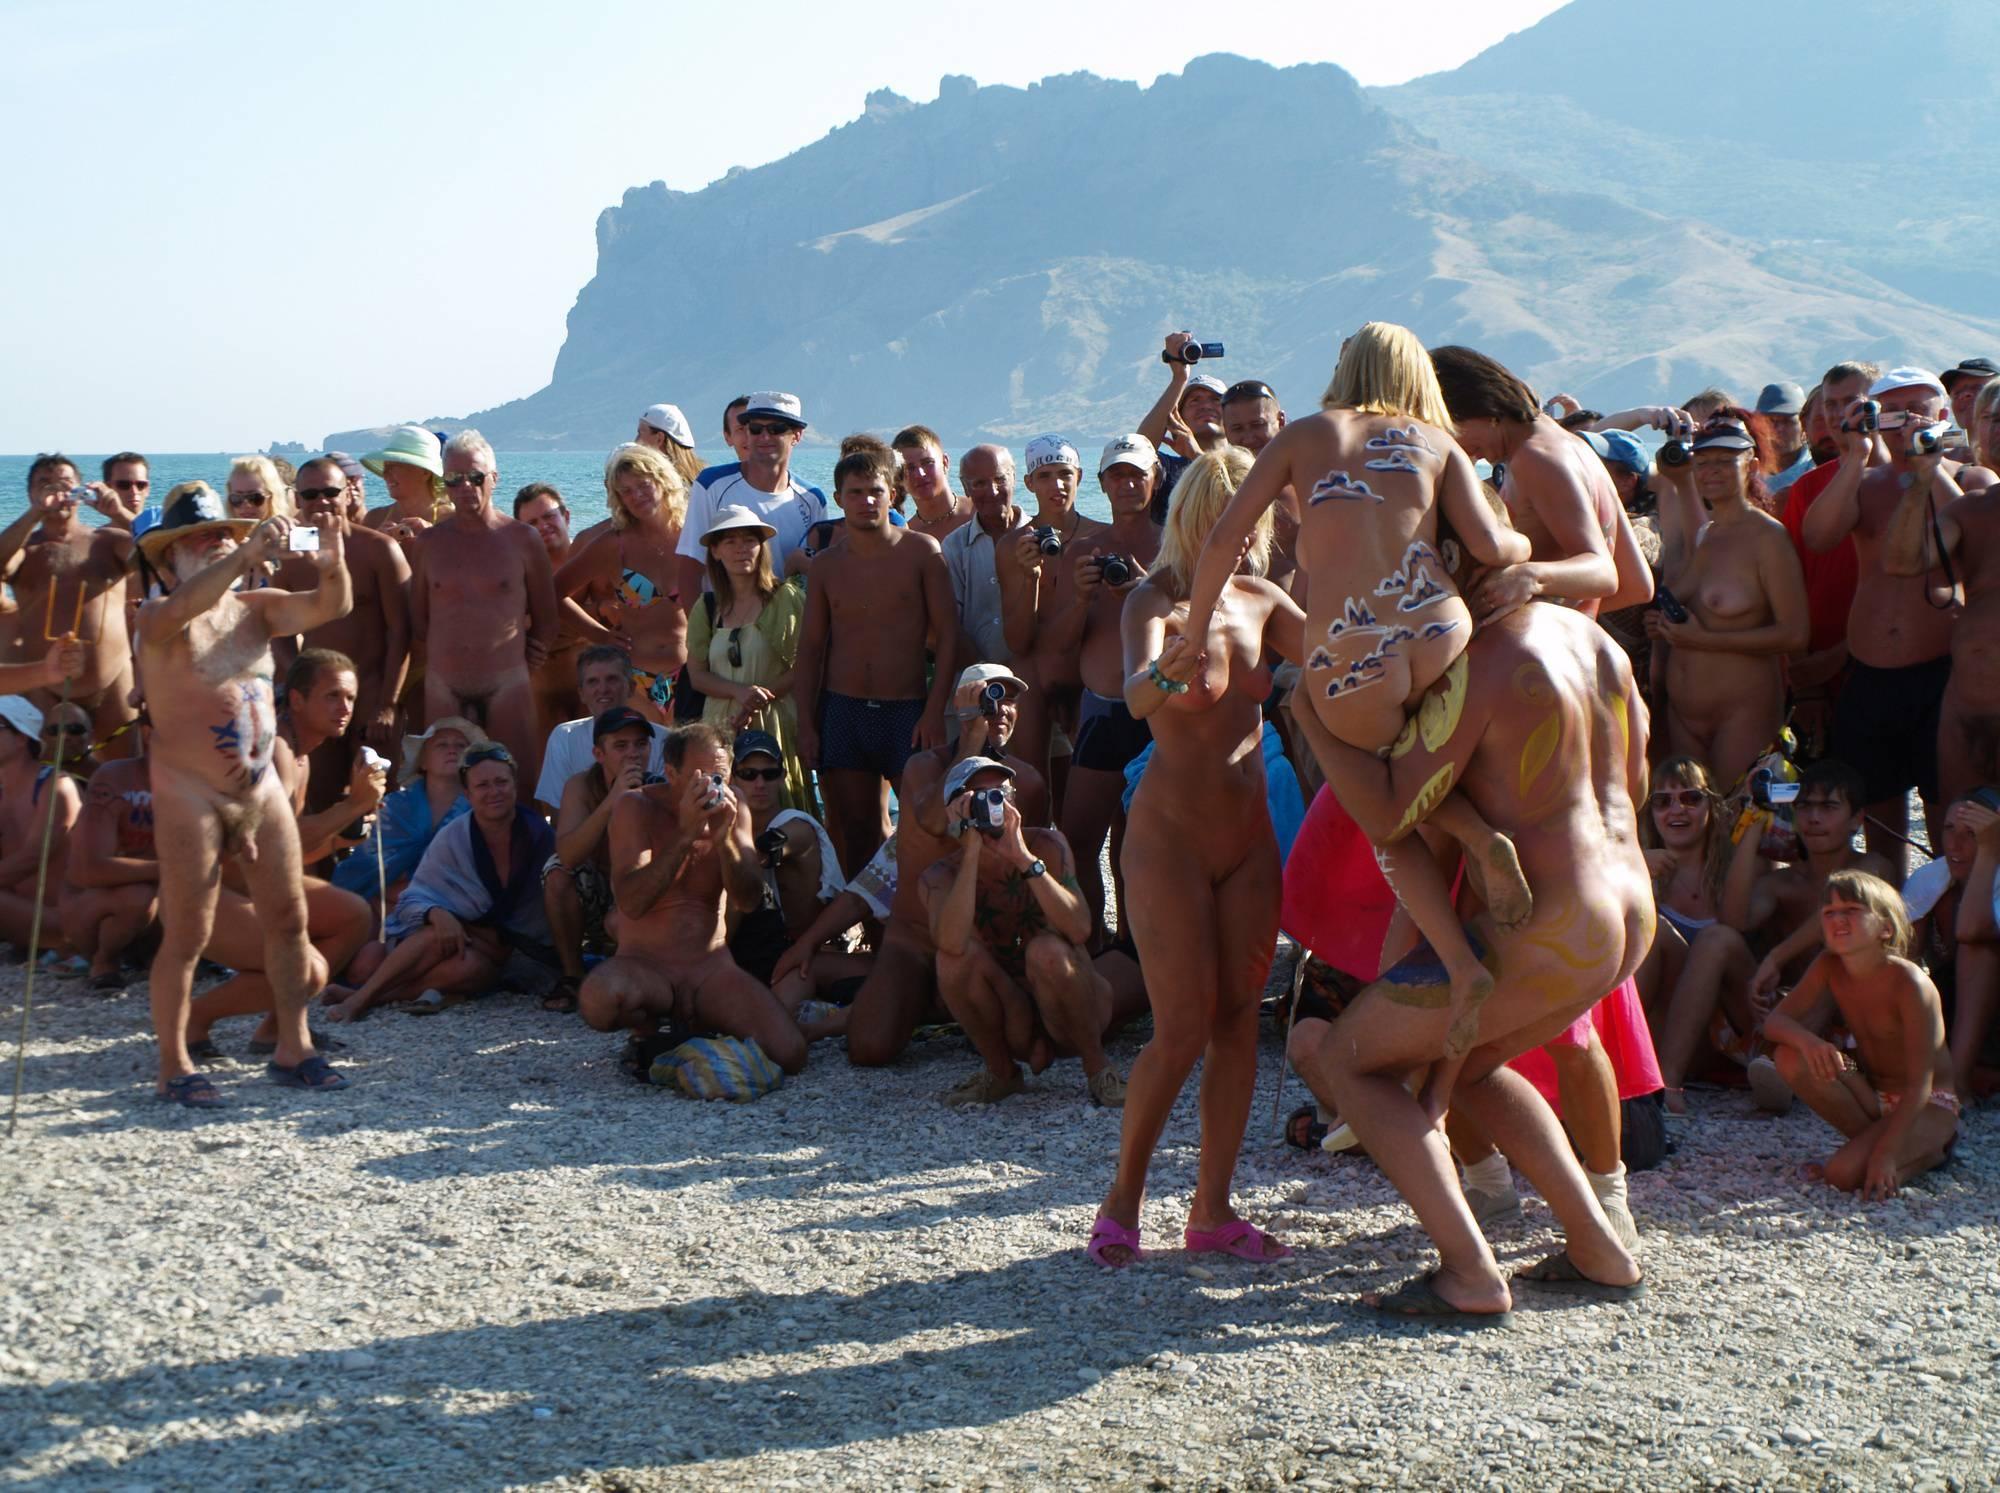 Nude Human Weightlifting - 1